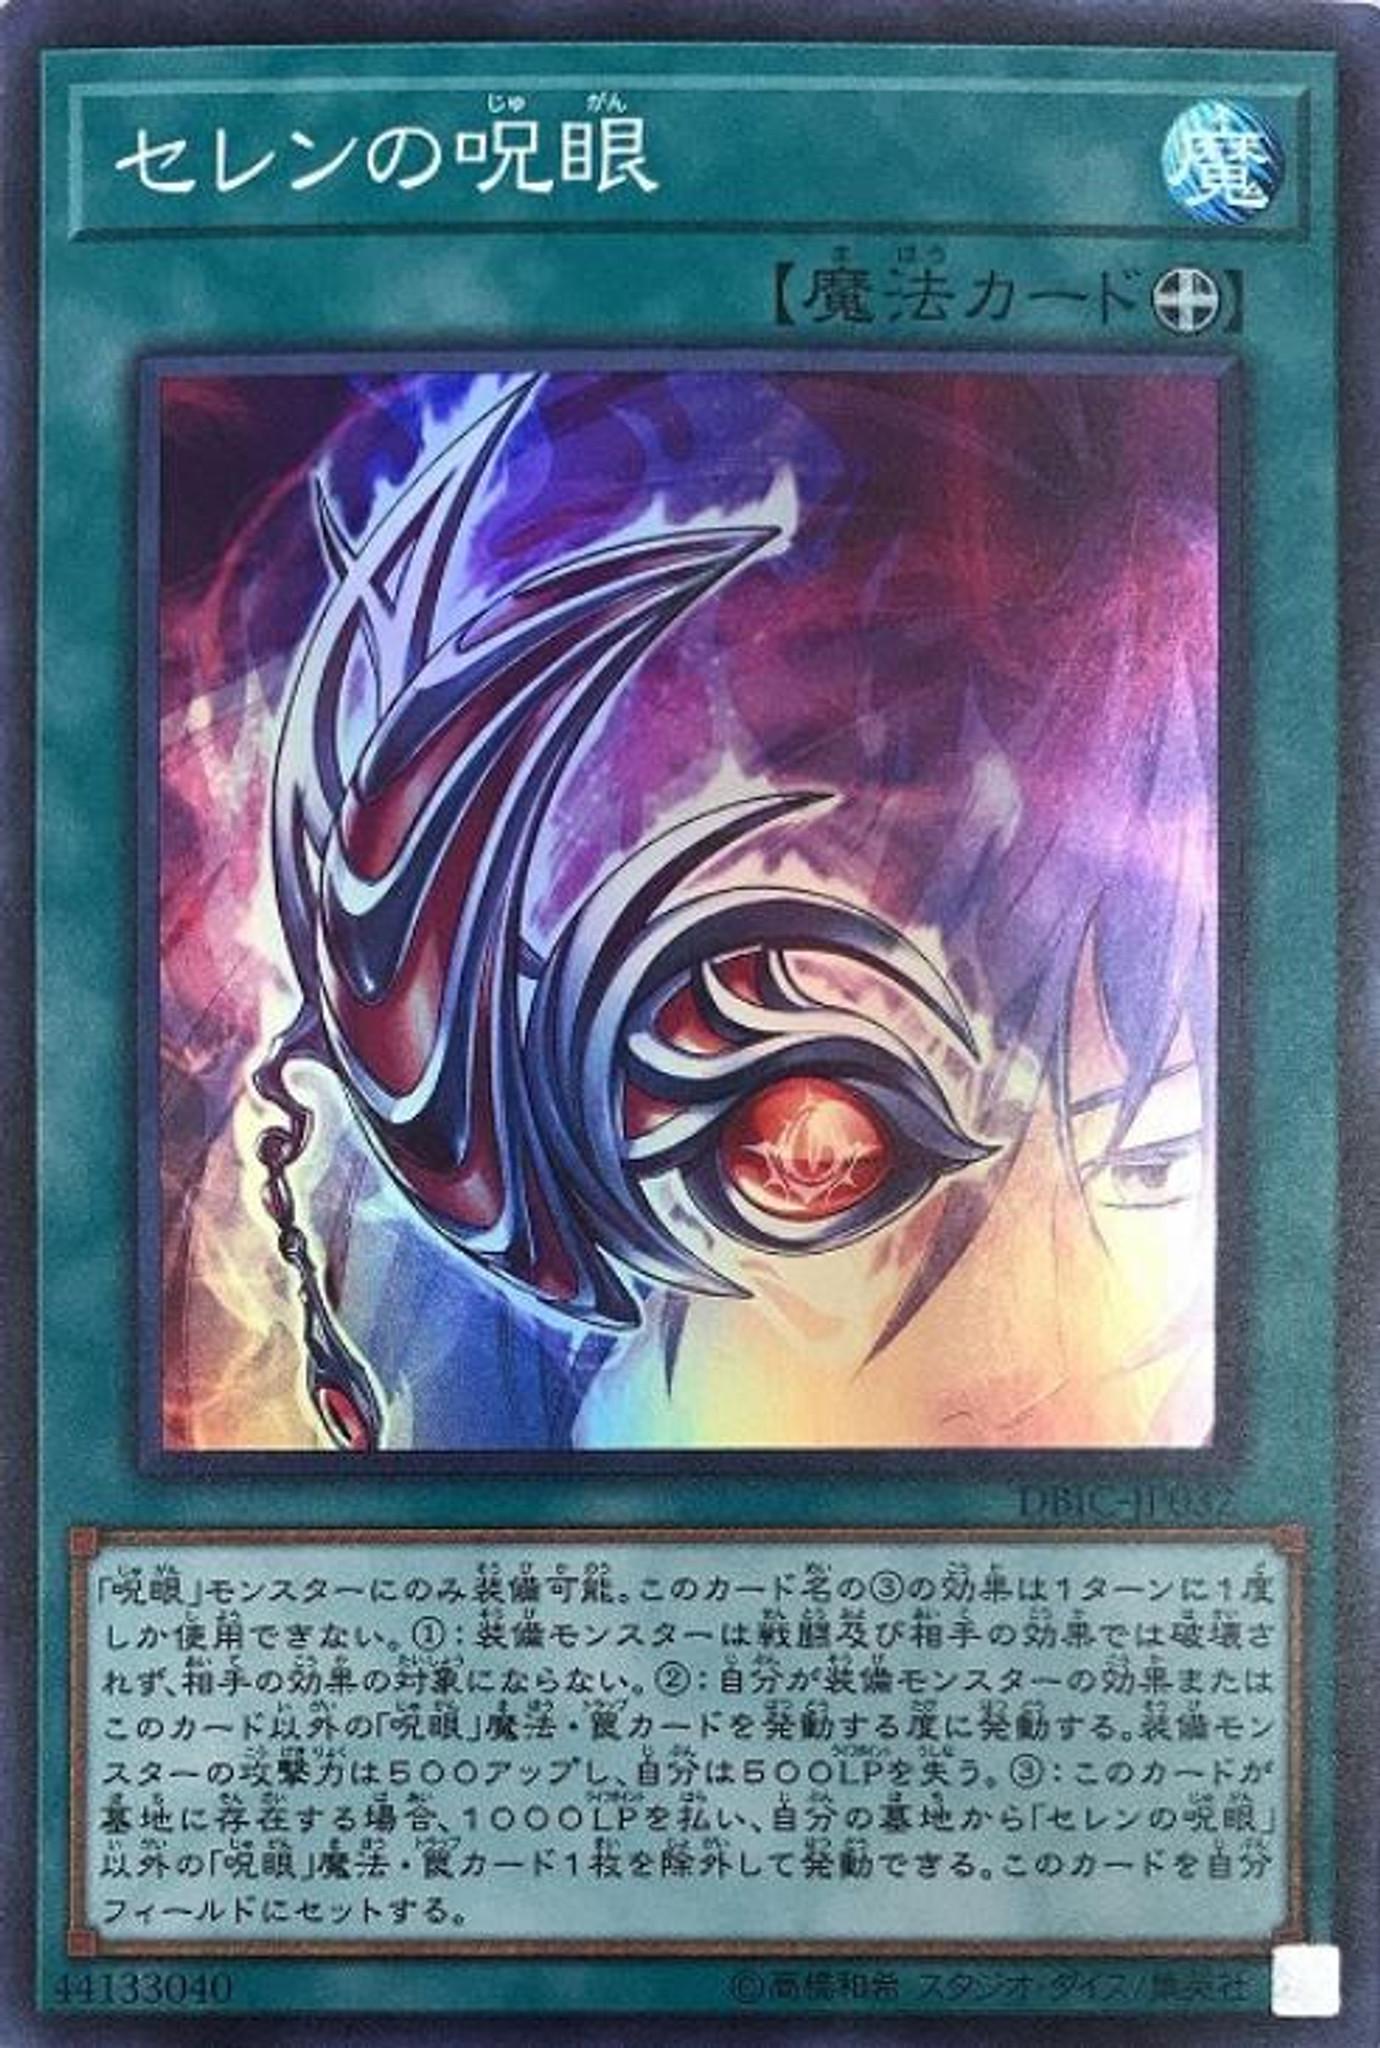 Yugioh Japanese Evil Eye of Selene DBIC Super Rare